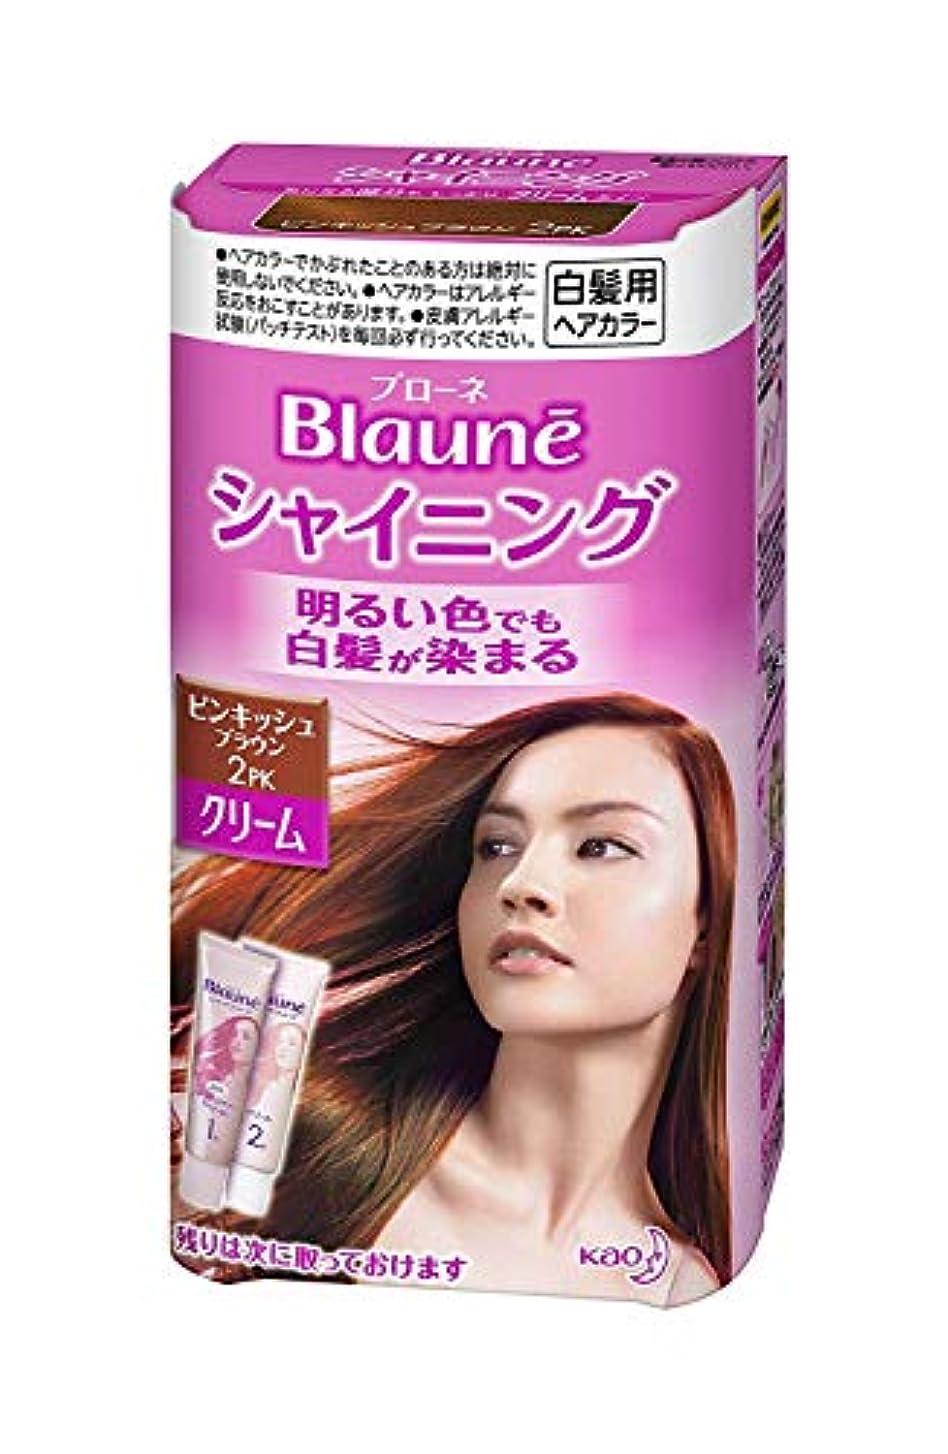 【花王】ブローネ シャイニングヘアカラークリーム2PK ピンキッシュブラウン ×5個セット